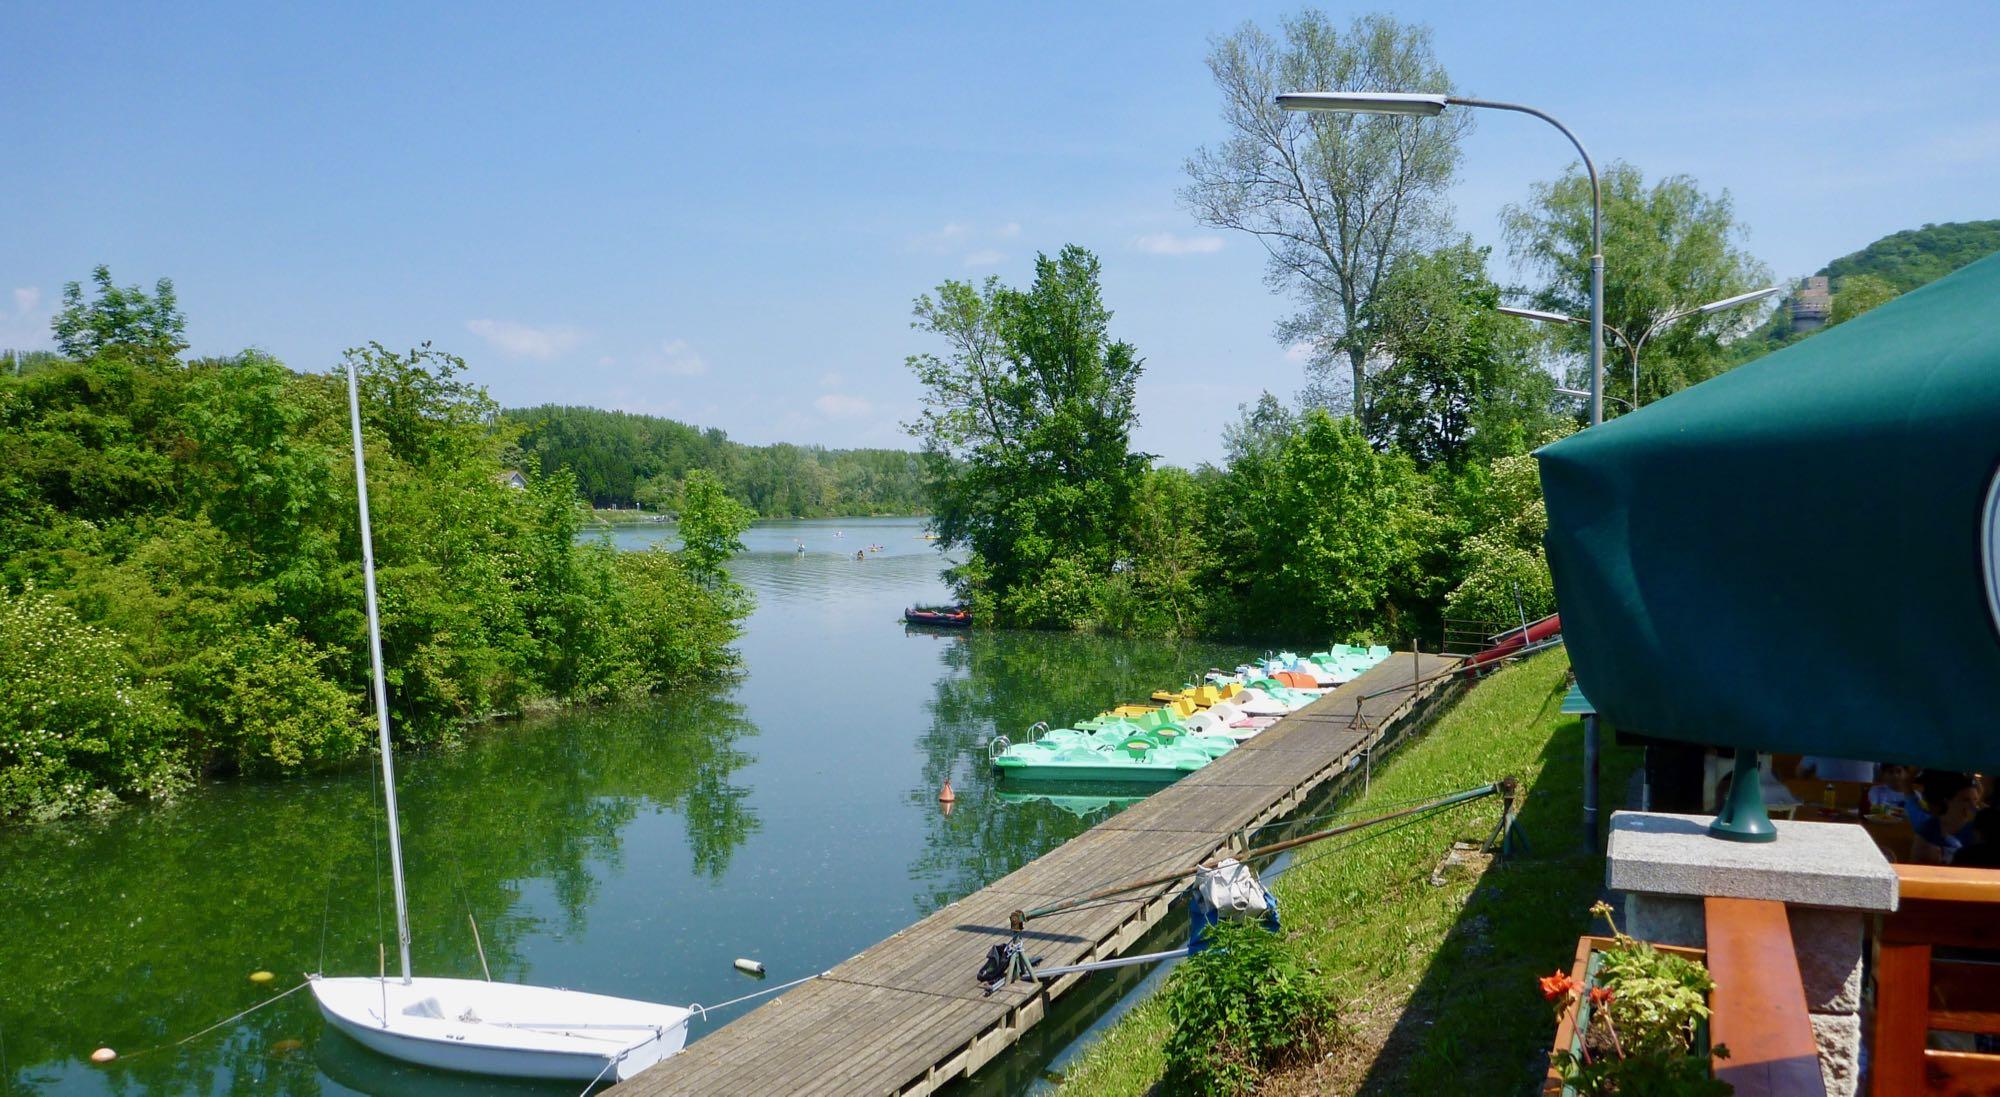 Hinaus, der Donaualtarm Greifenstein, übertragen und dann in die Donau